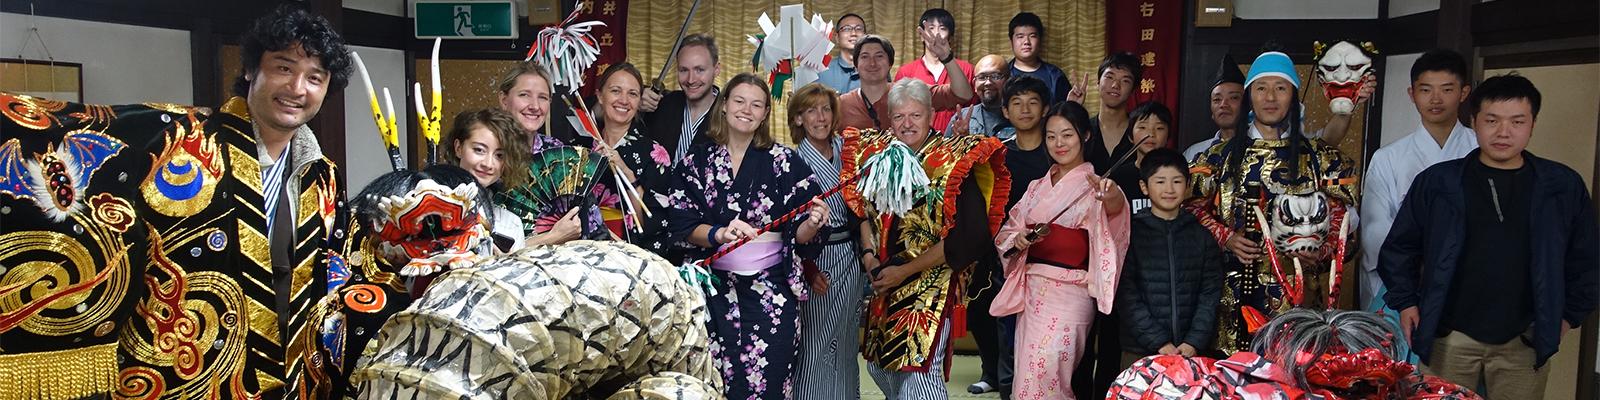 売りはディープな「日本臭さ」。本物志向の外国人観光客をターゲットに、アドベンチャートラベルの手法で過疎地の魅力を掘り起こす田舎インバウンドの挑戦